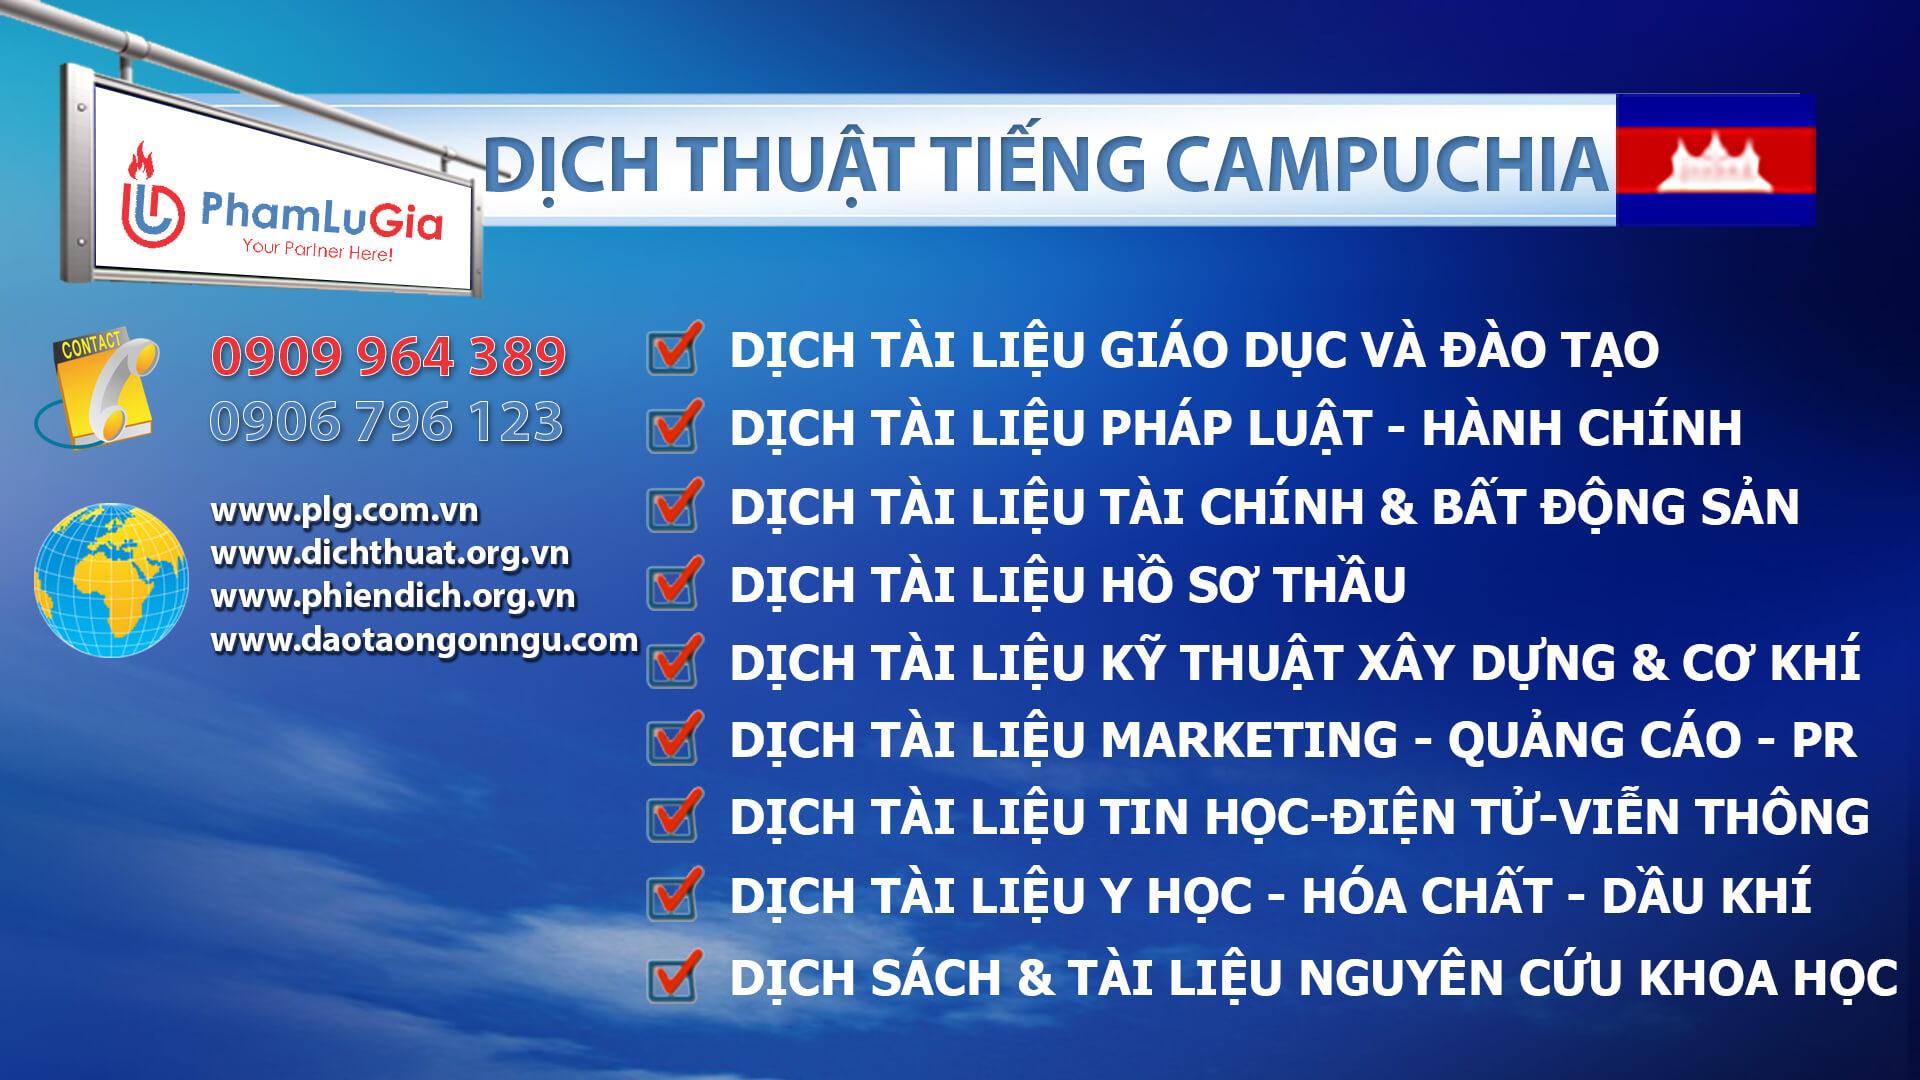 Dịch thuật tiếng Campuchia chuyên ngành